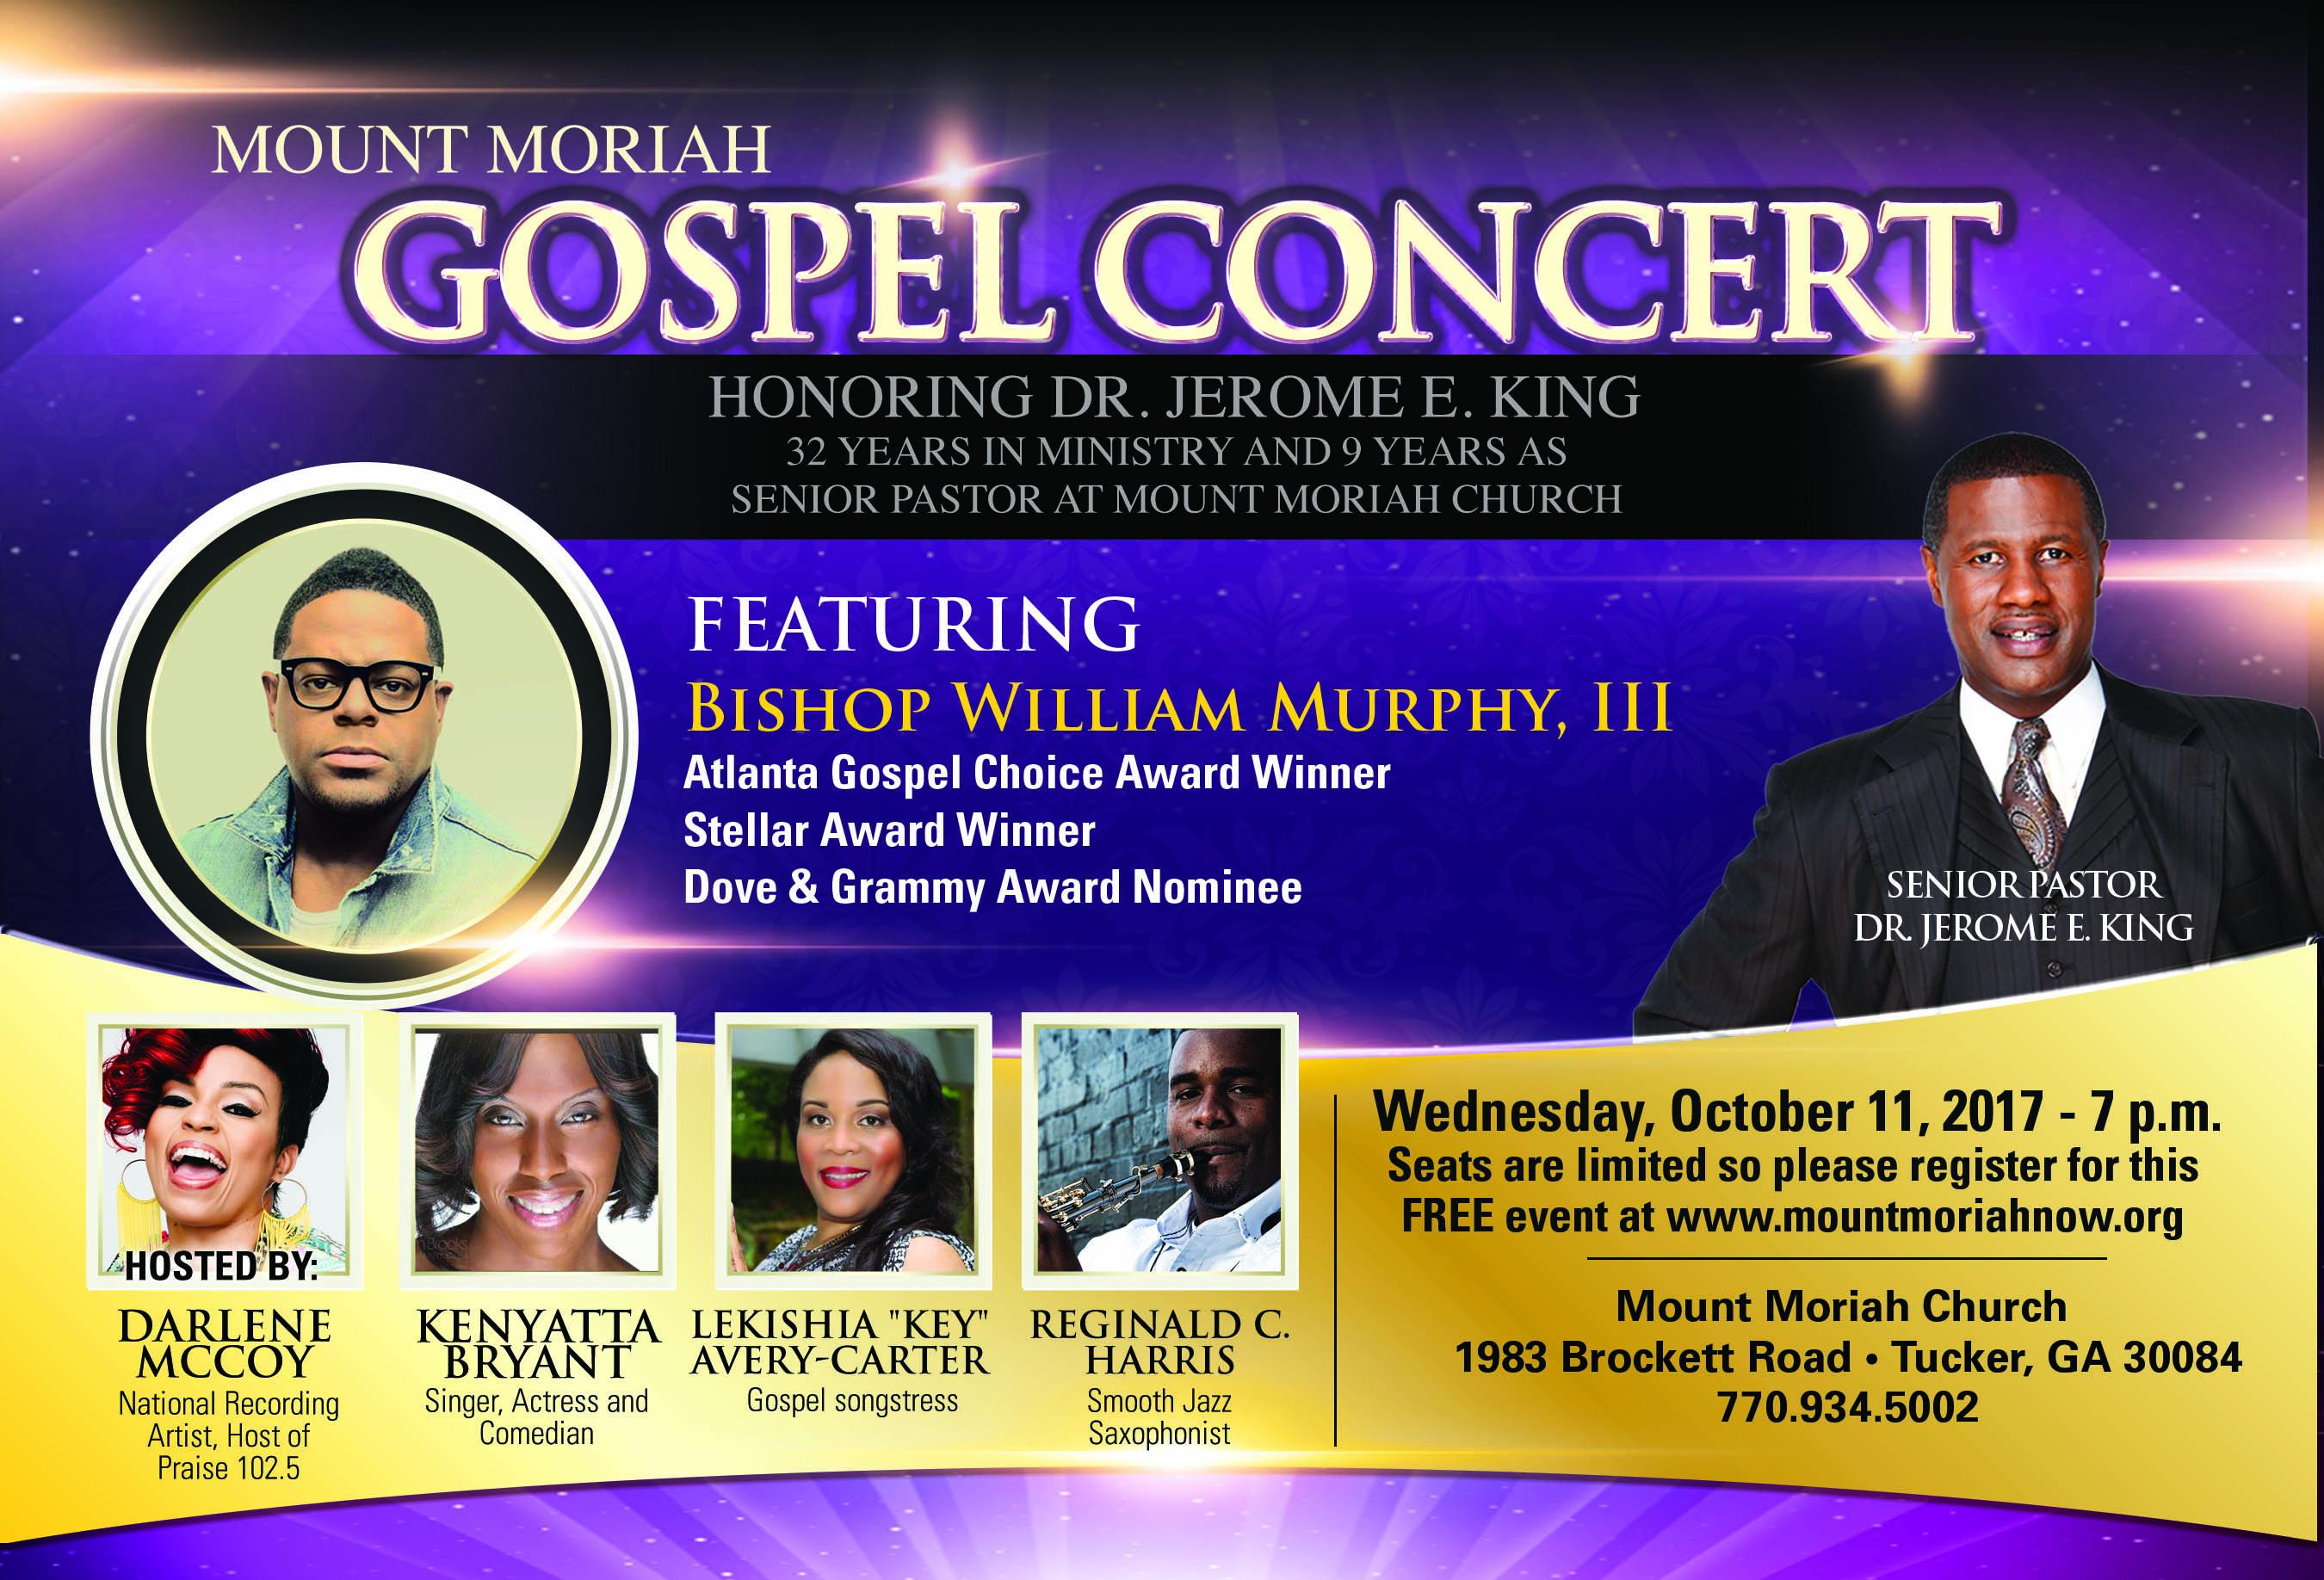 Mount Moriah Gospel Concert